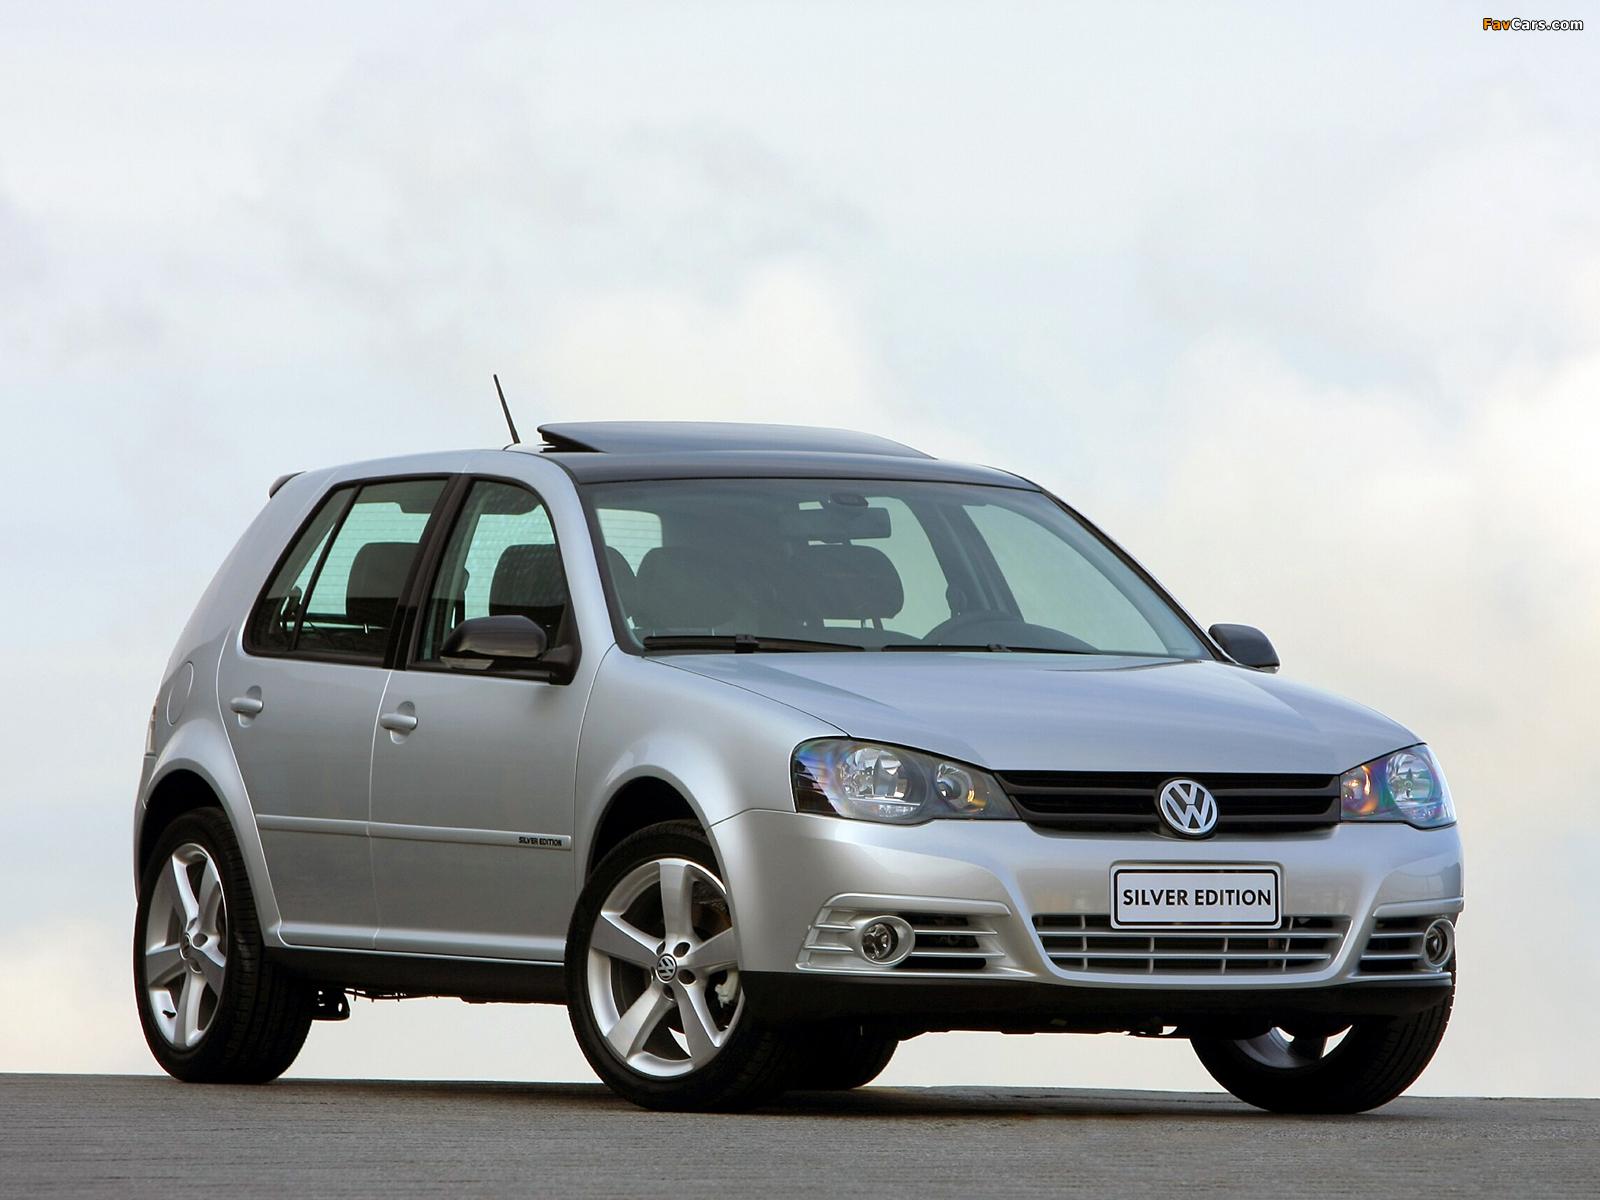 Volkswagen Golf Silver Edition BR-spec (Typ 1J) 2009 photos (1600 x 1200)